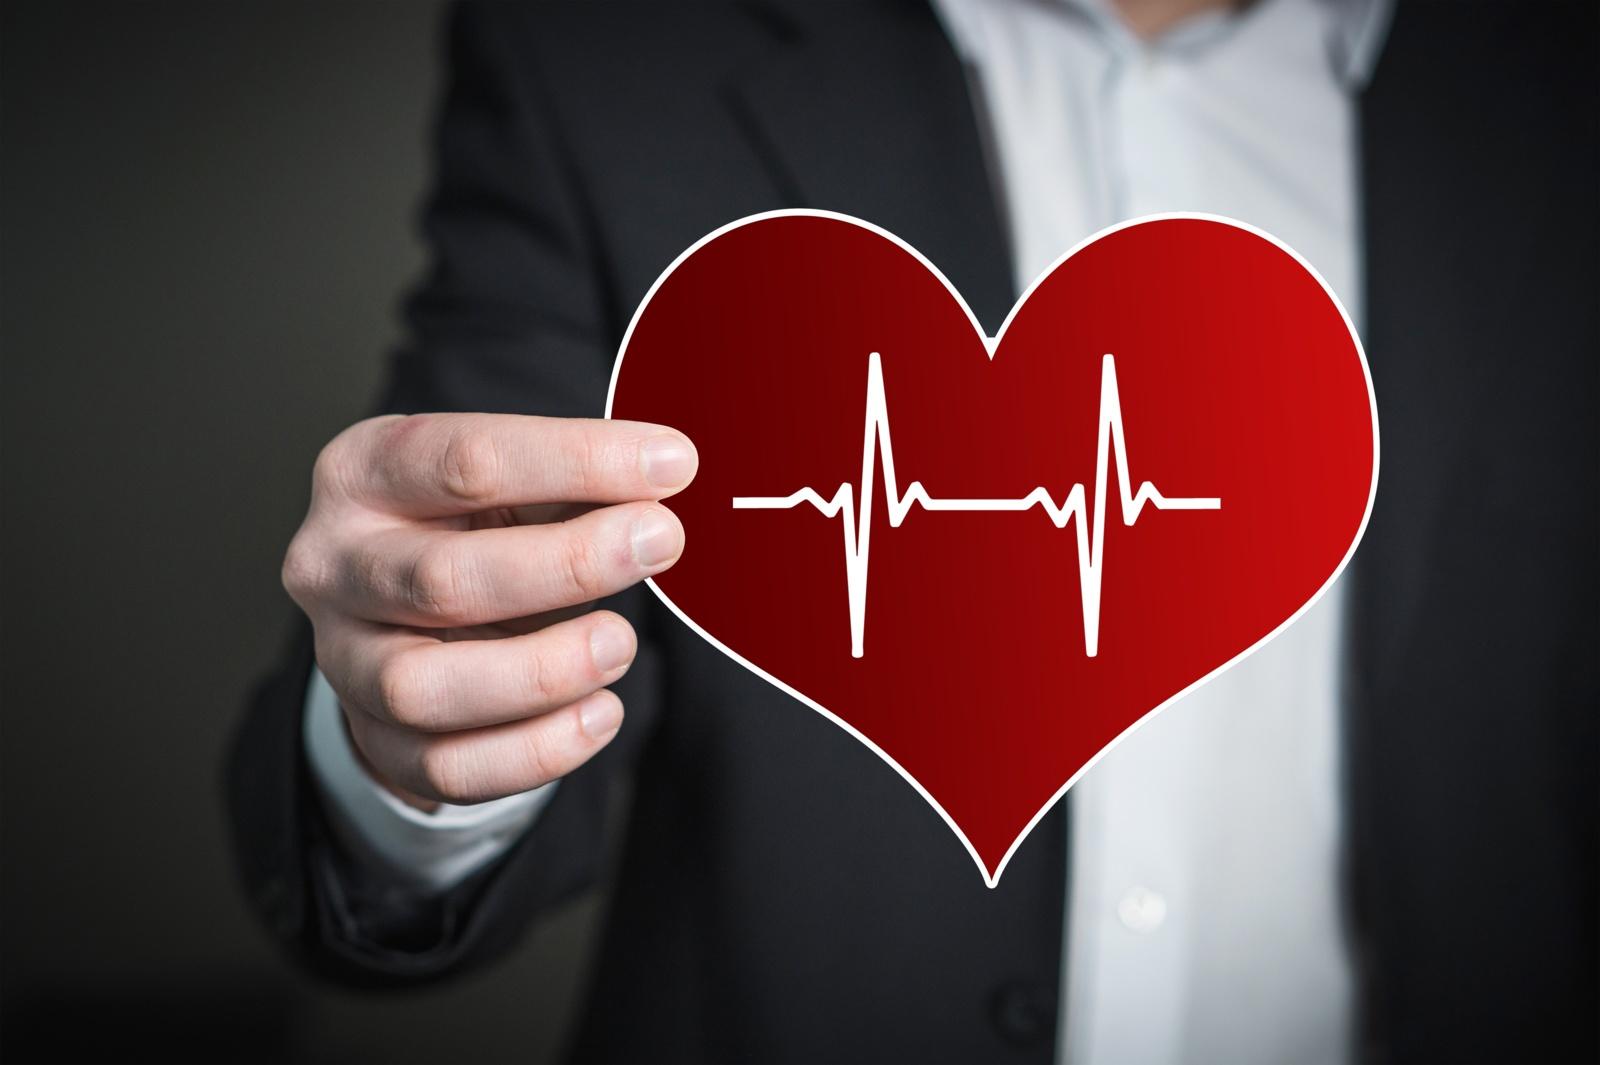 Arterinė hipertenzija – pagrindinė sergamumo ir mirtingumo priežastis. Kaip pažaboti šią ligą?